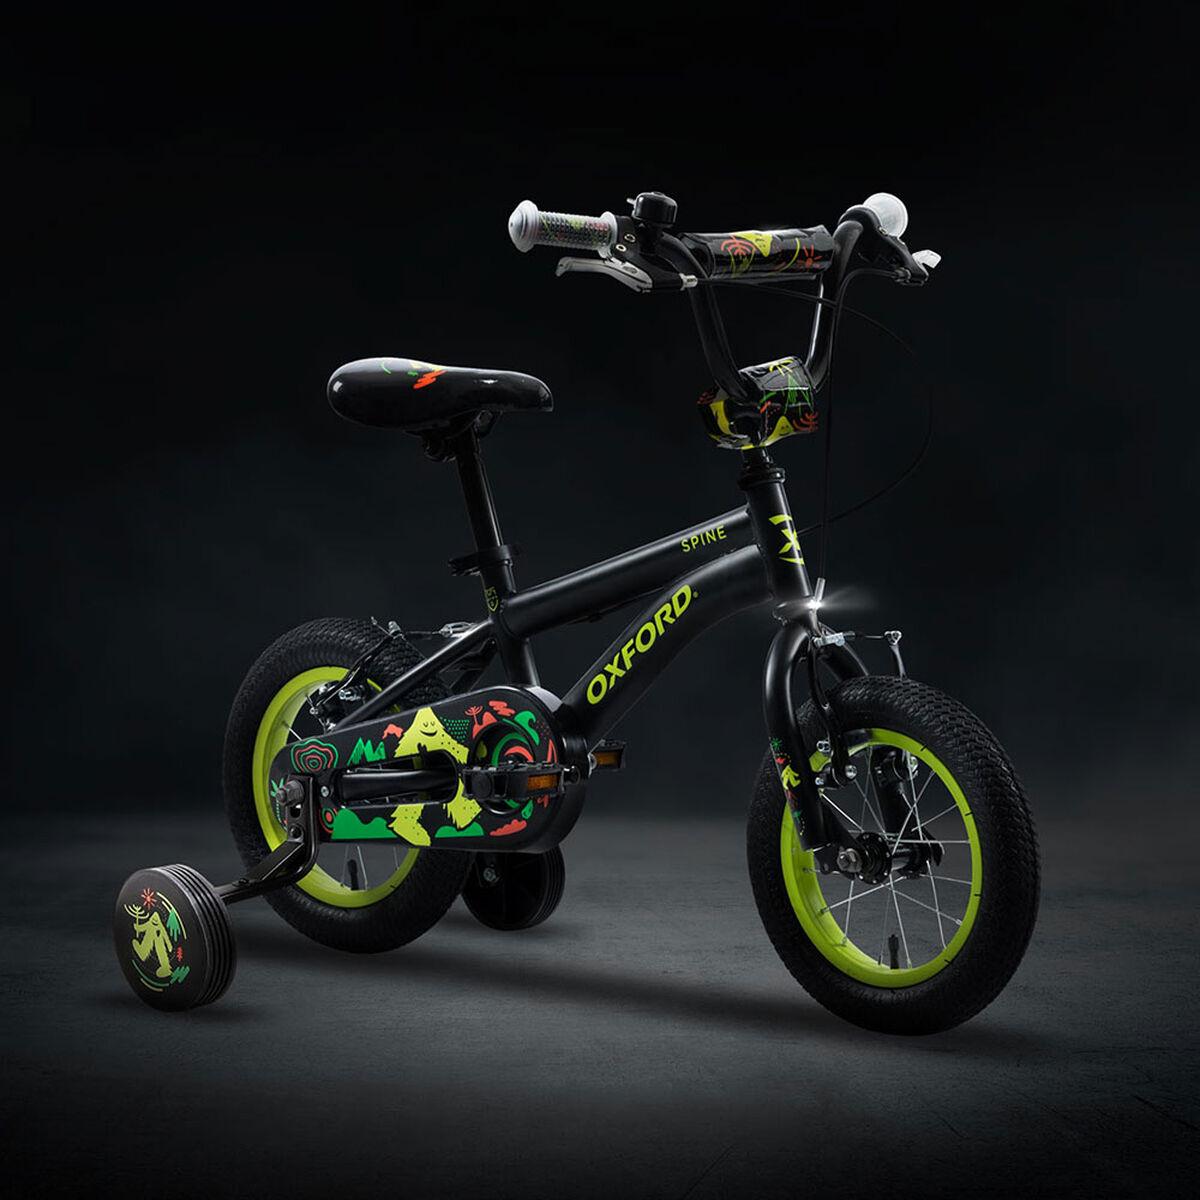 Bicicleta Infantil Oxford Spine Aro 12